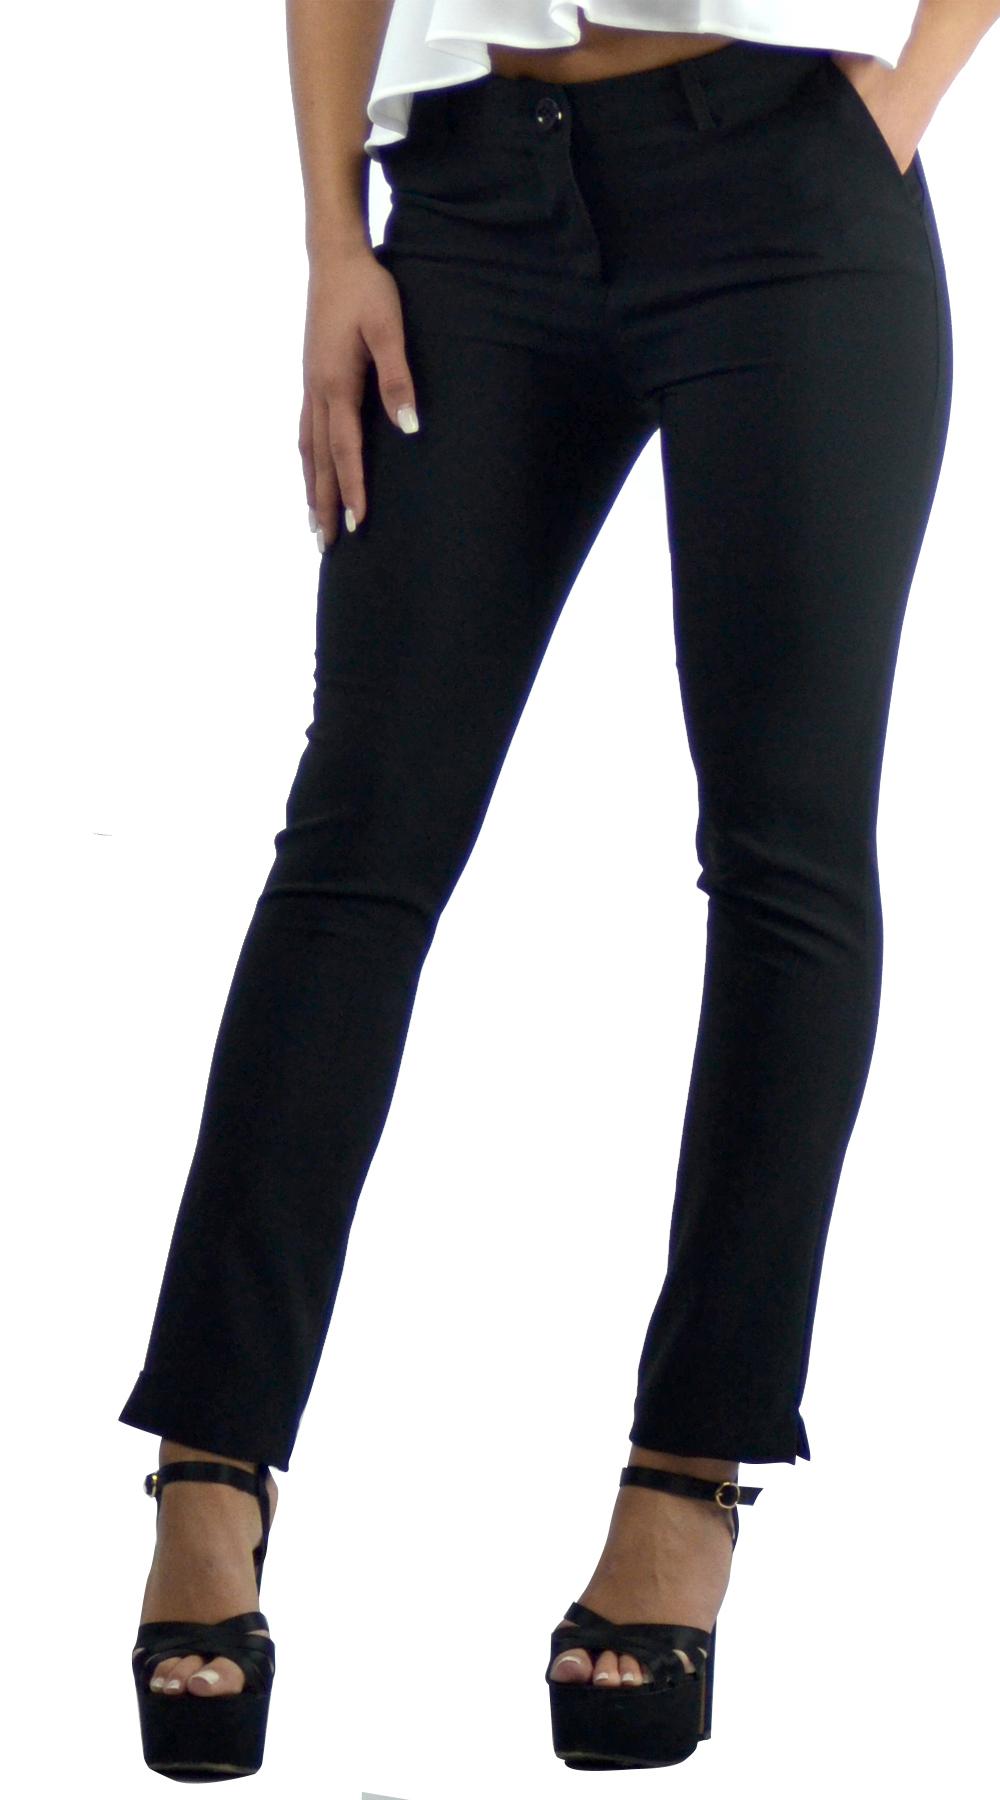 Γυναικείο ψηλόμεσο παντελόνι σε στενή γραμμή - LOVE ME - FA17V-340510 top trends office look